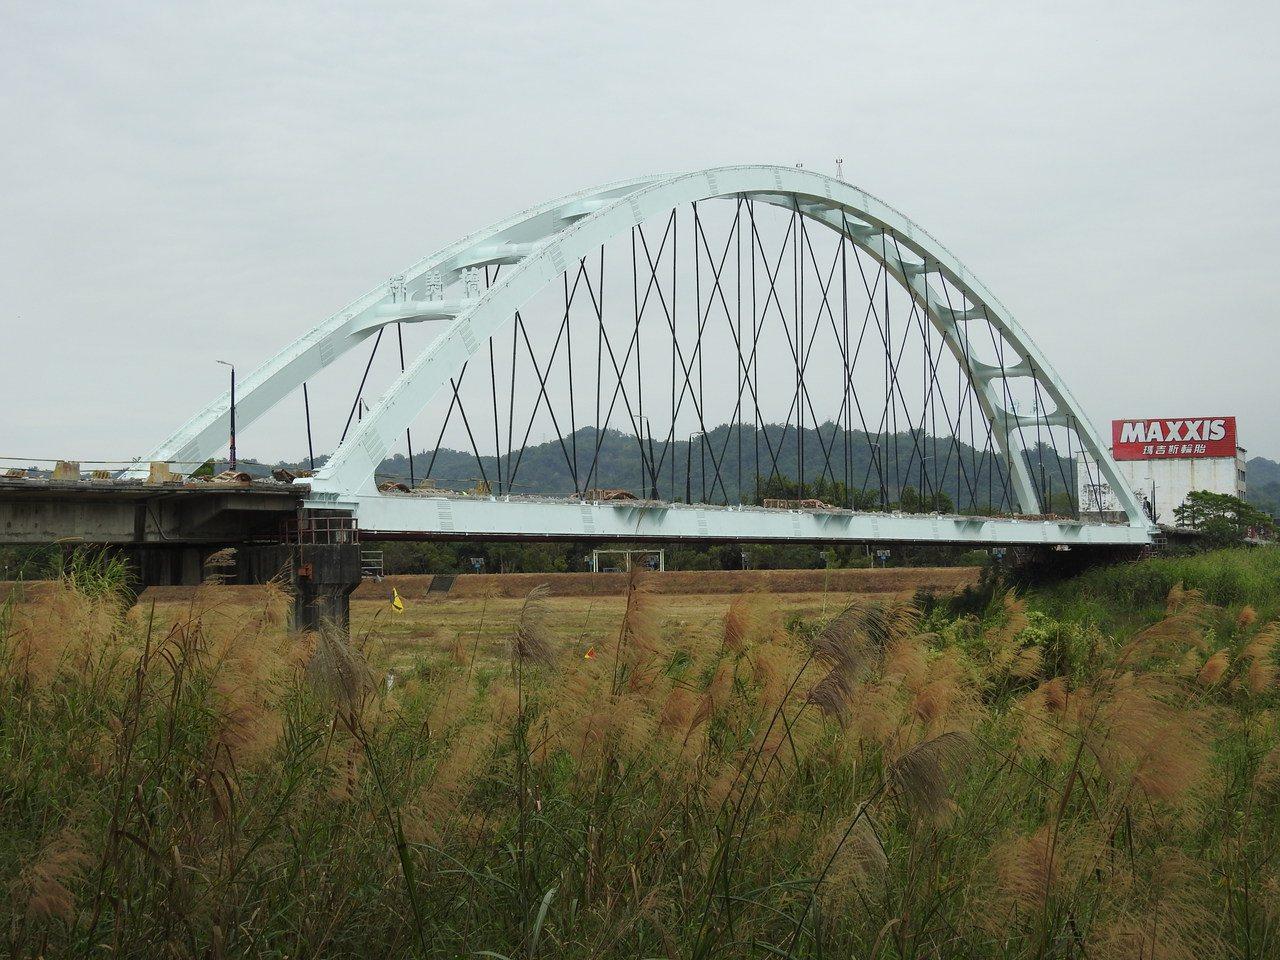 南投縣綠美橋過去因紅色橋體鮮豔搶眼,被視為南投市地標,但近期整修改漆成藍白色,部...